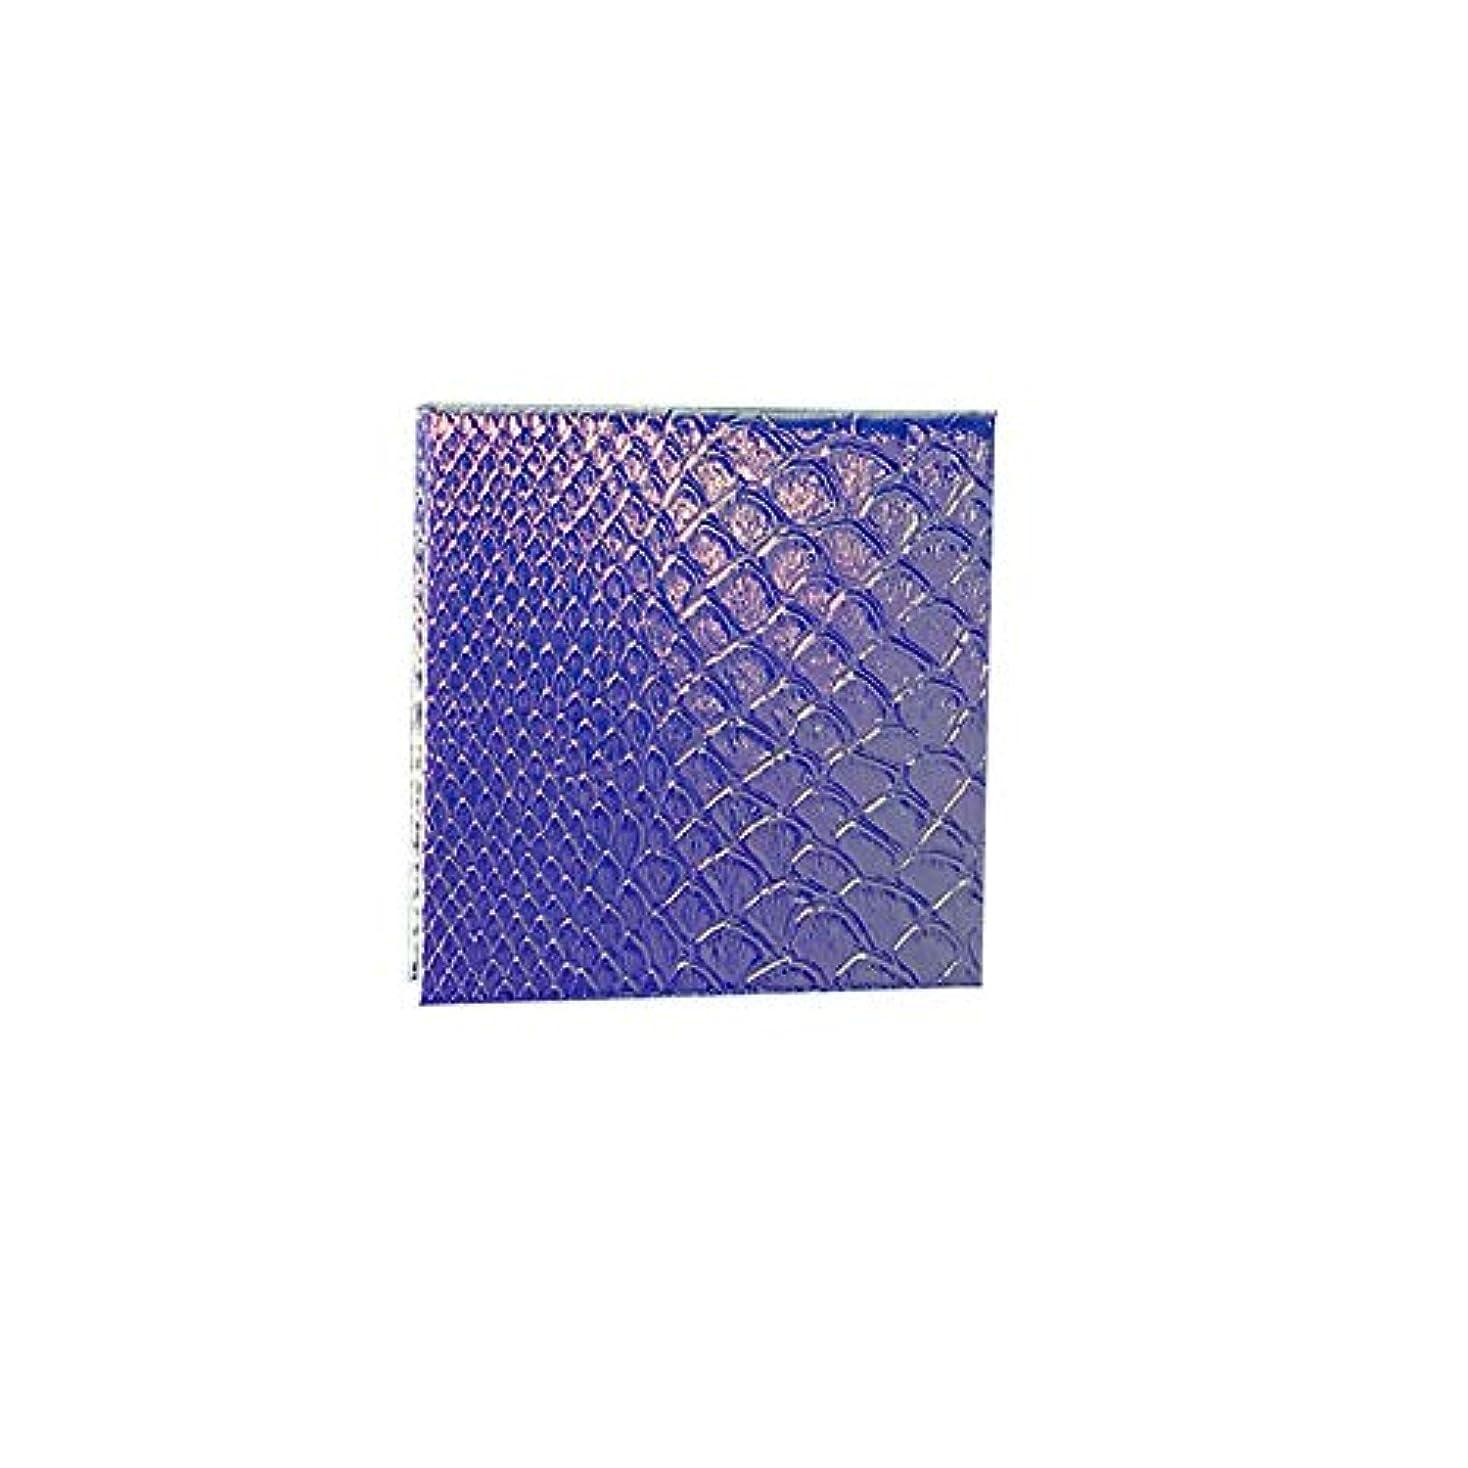 利用可能開発するきらめく空の化粧アイシャドーパレット磁気空パレット接着剤空のパレット金属ステッカー空のパレットキット(S)